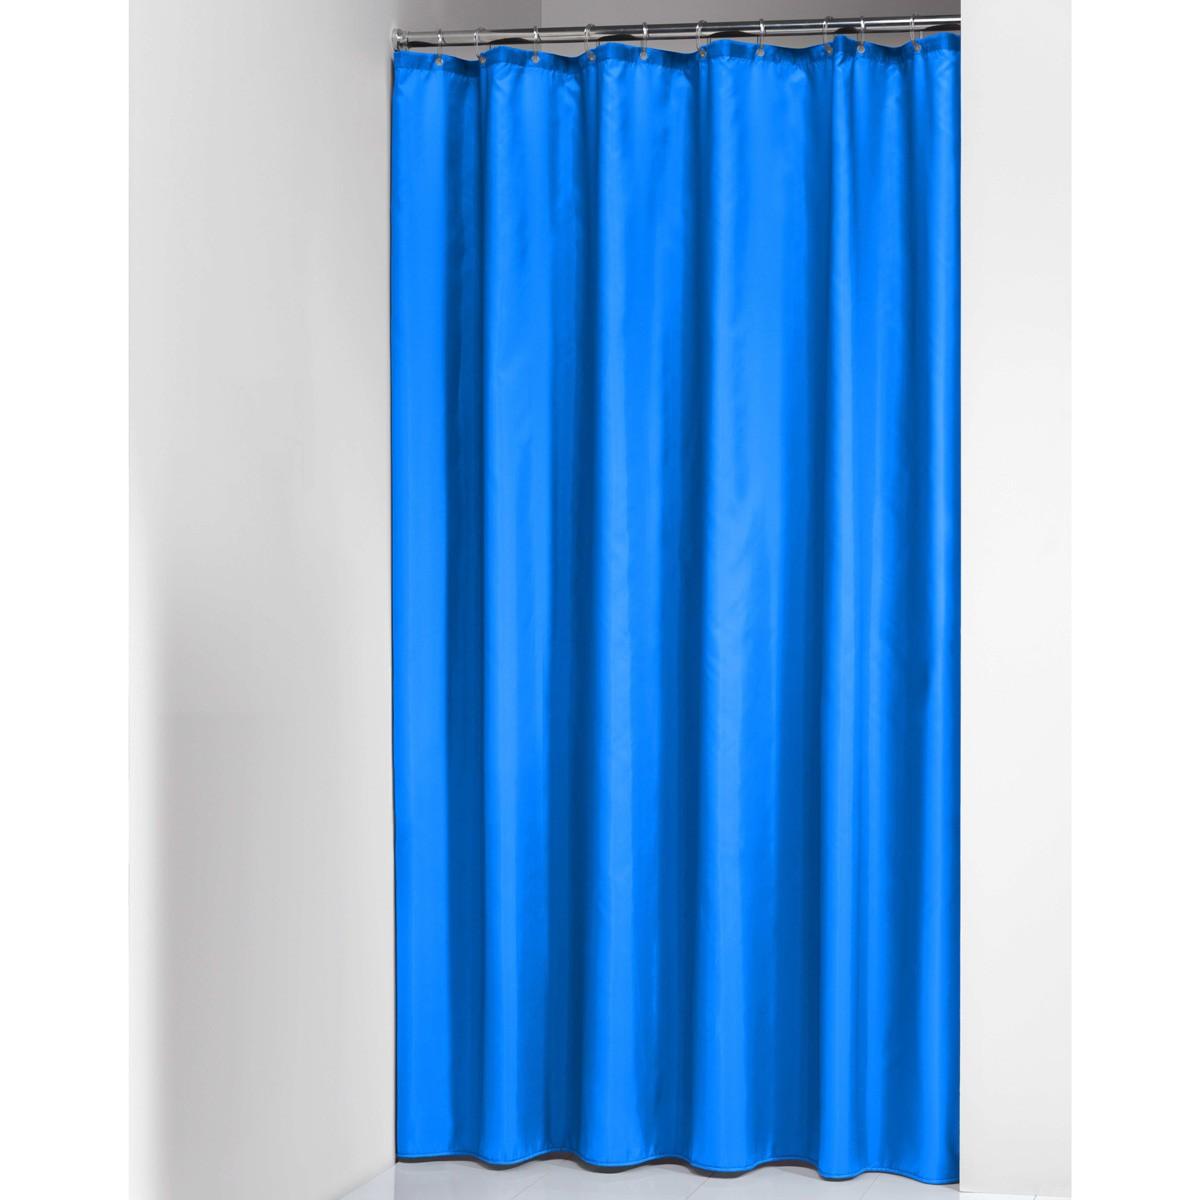 Κουρτίνα Μπάνιου Πλαστική (180×200) SealSkin Opaque Royal Blue